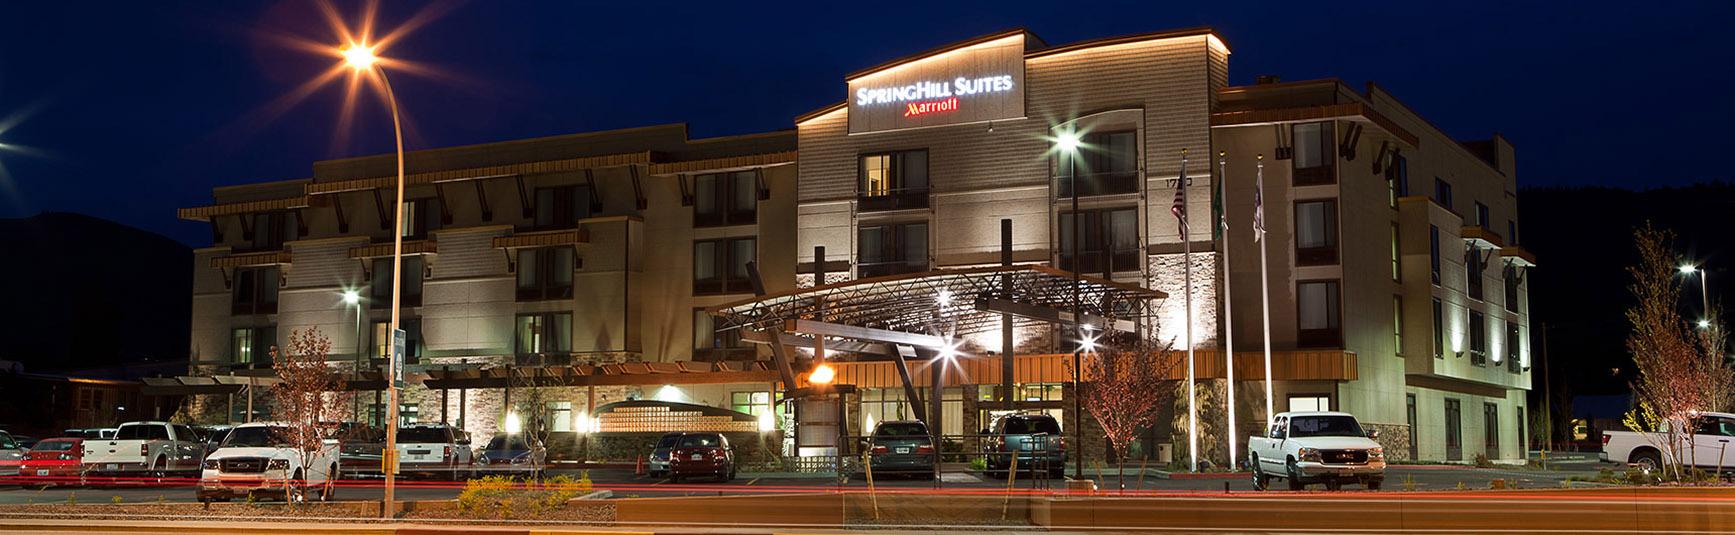 SpringHill Suites – Wenatchee